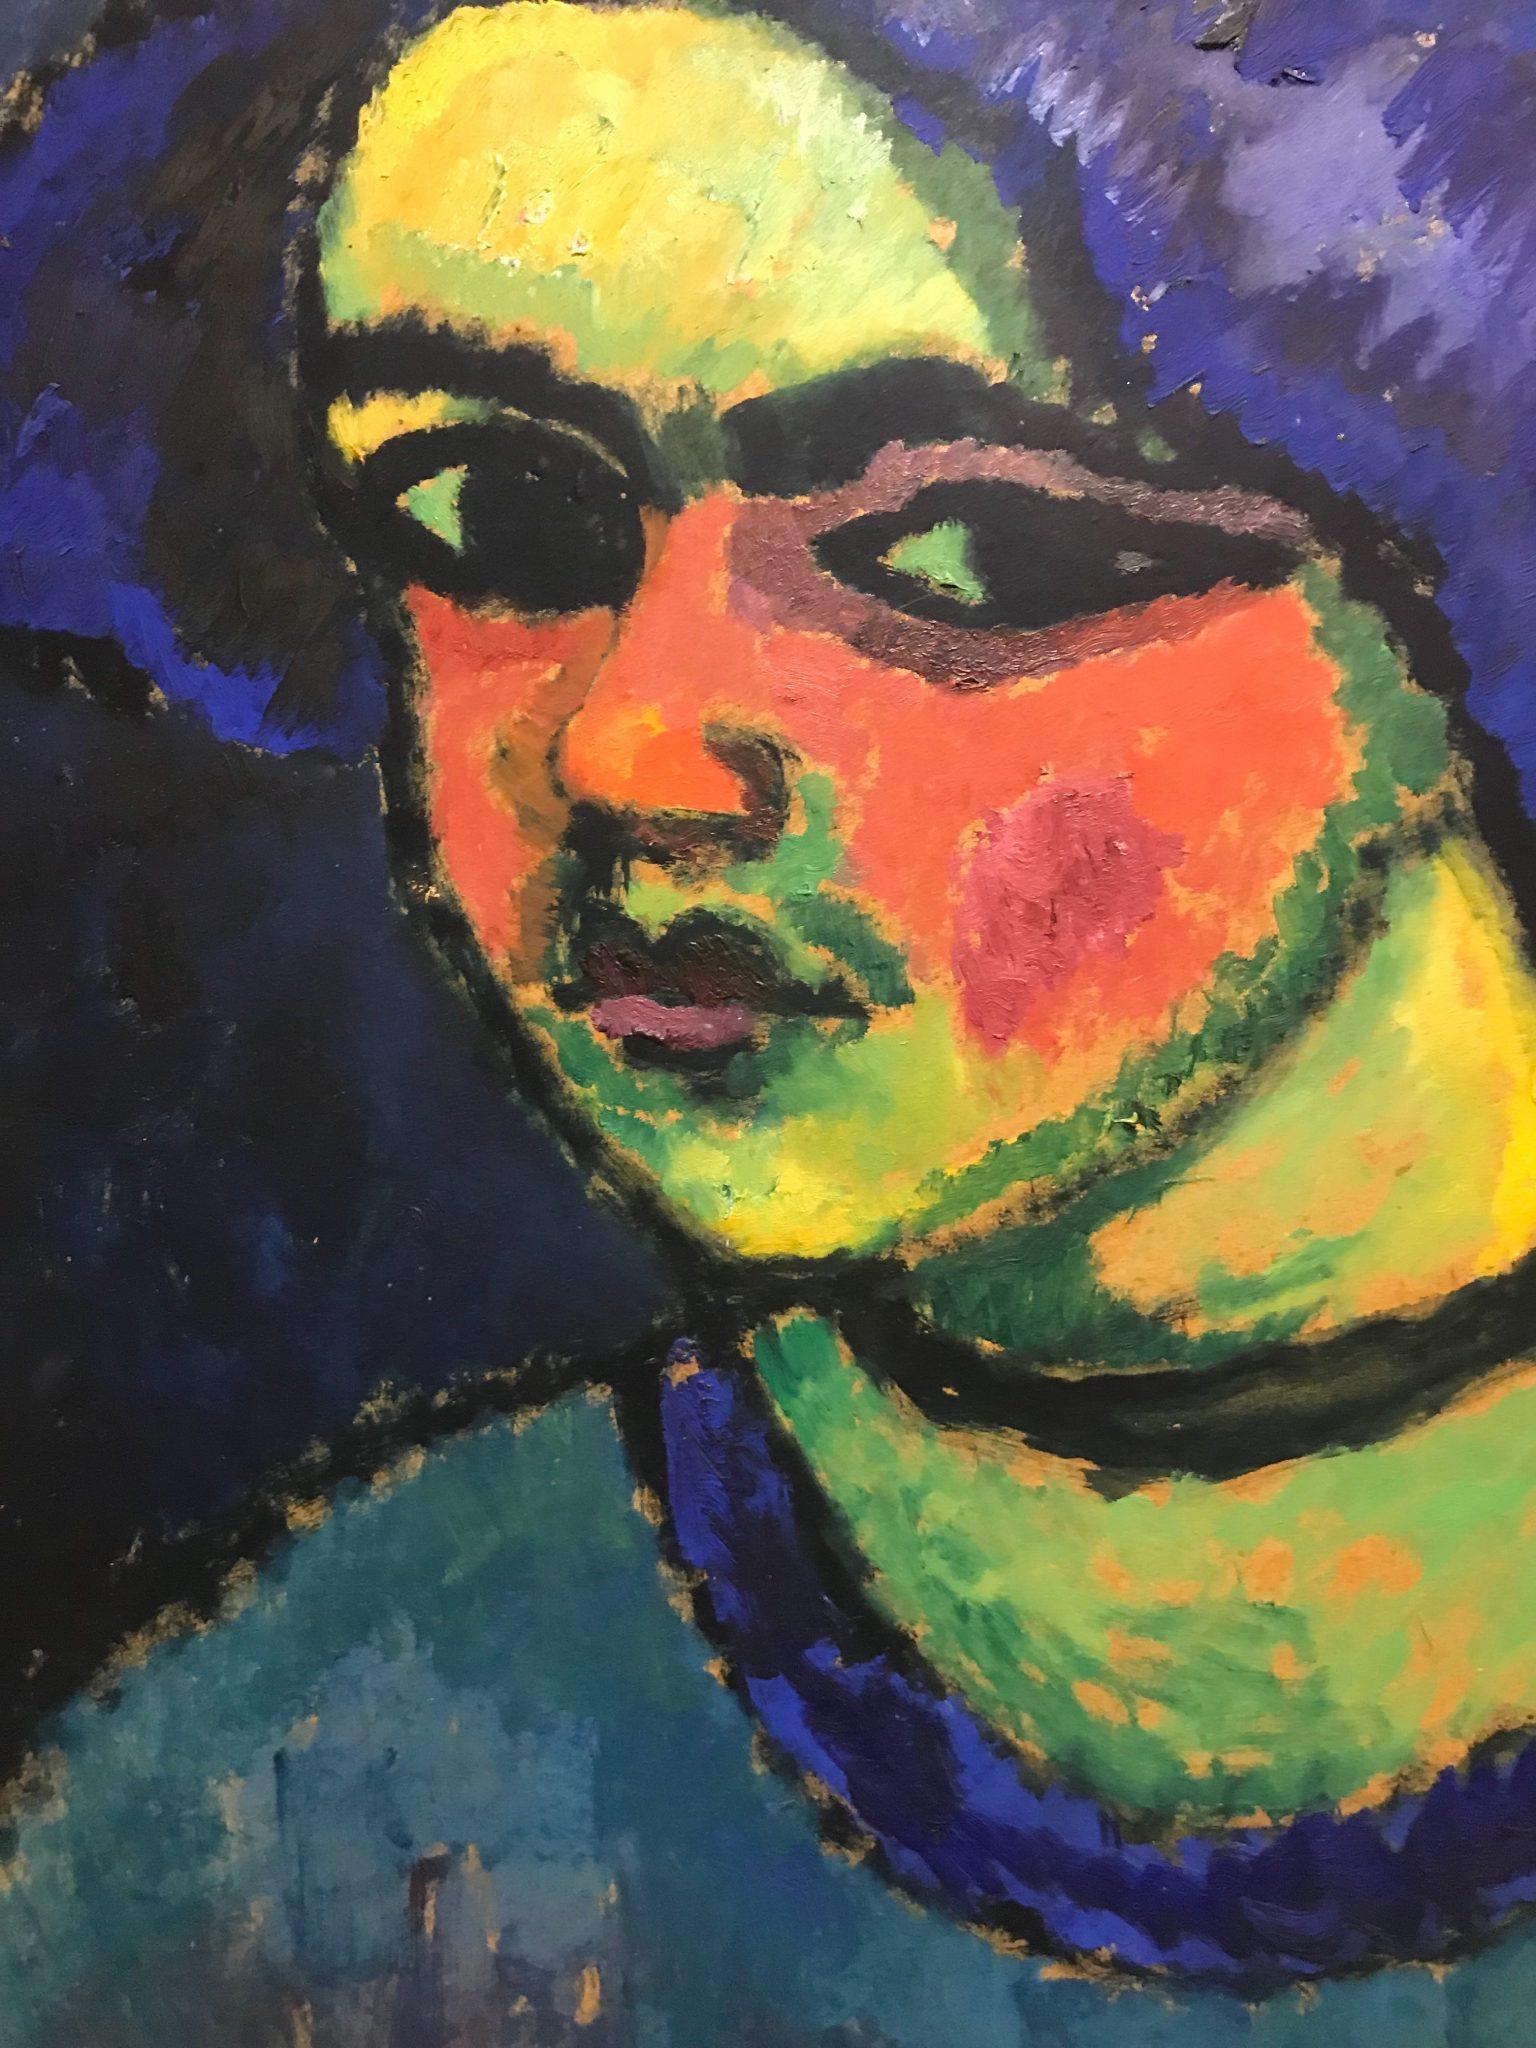 Dipingere ciò che si vive. Vivere ciò che si dipinge. Da Kirchner a Otto Dix, la Germania d'inizio 900 a Parma